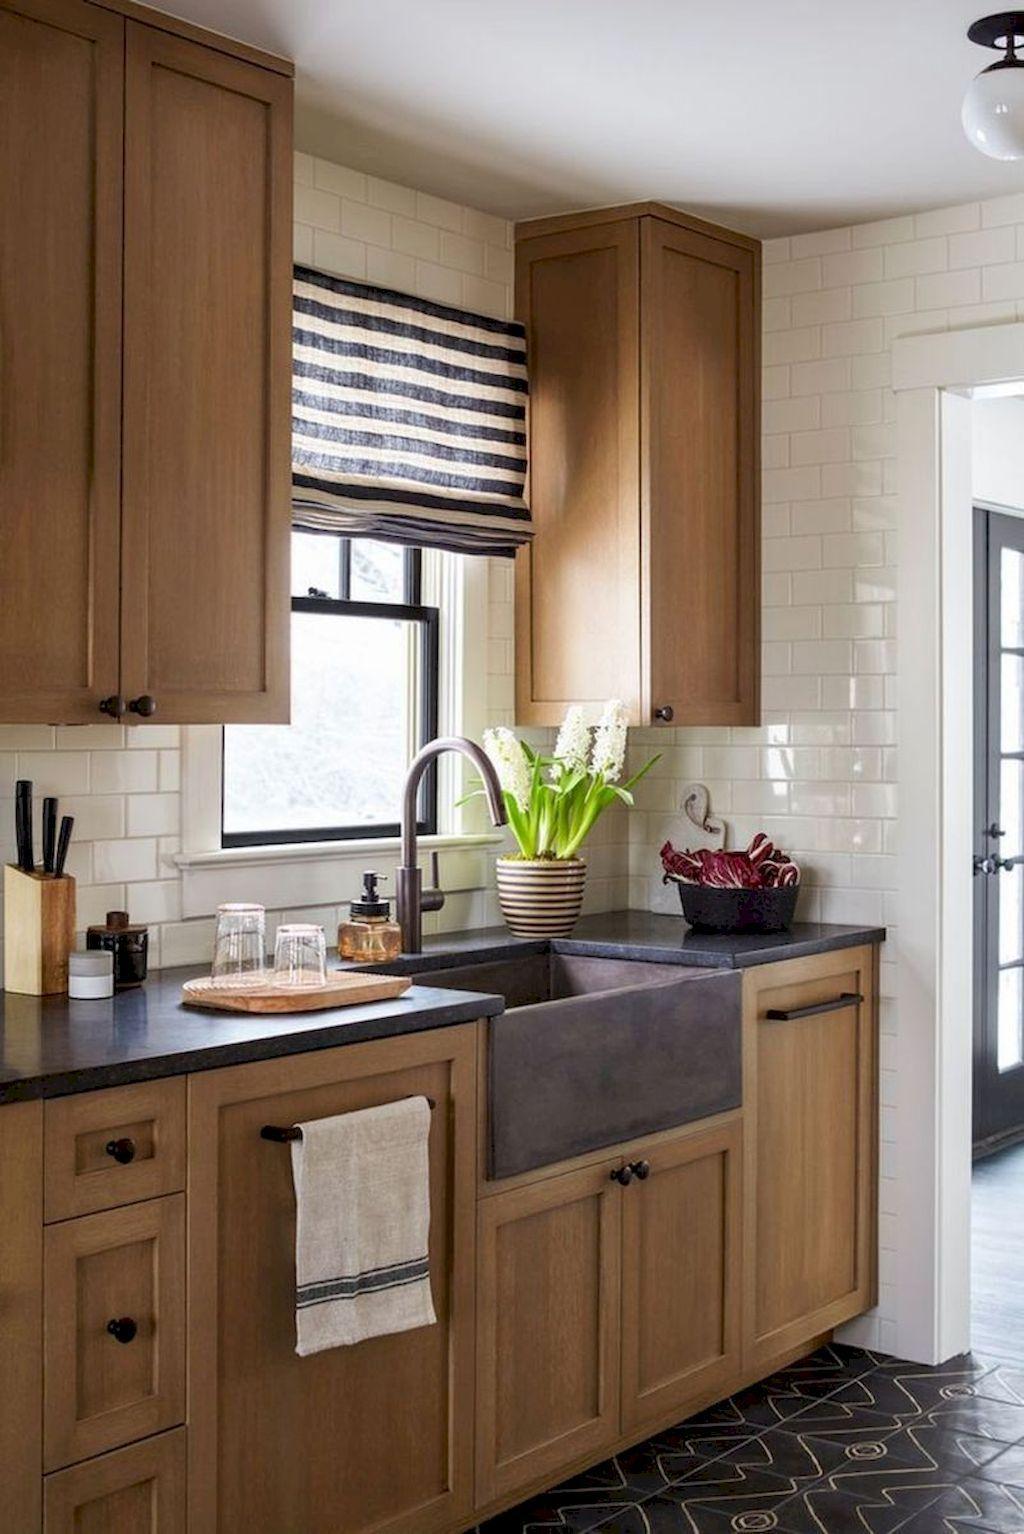 57 Modern Farmhouse Kitchen Cabinet Makeover Design Ideas In regarding size 1024 X 1534